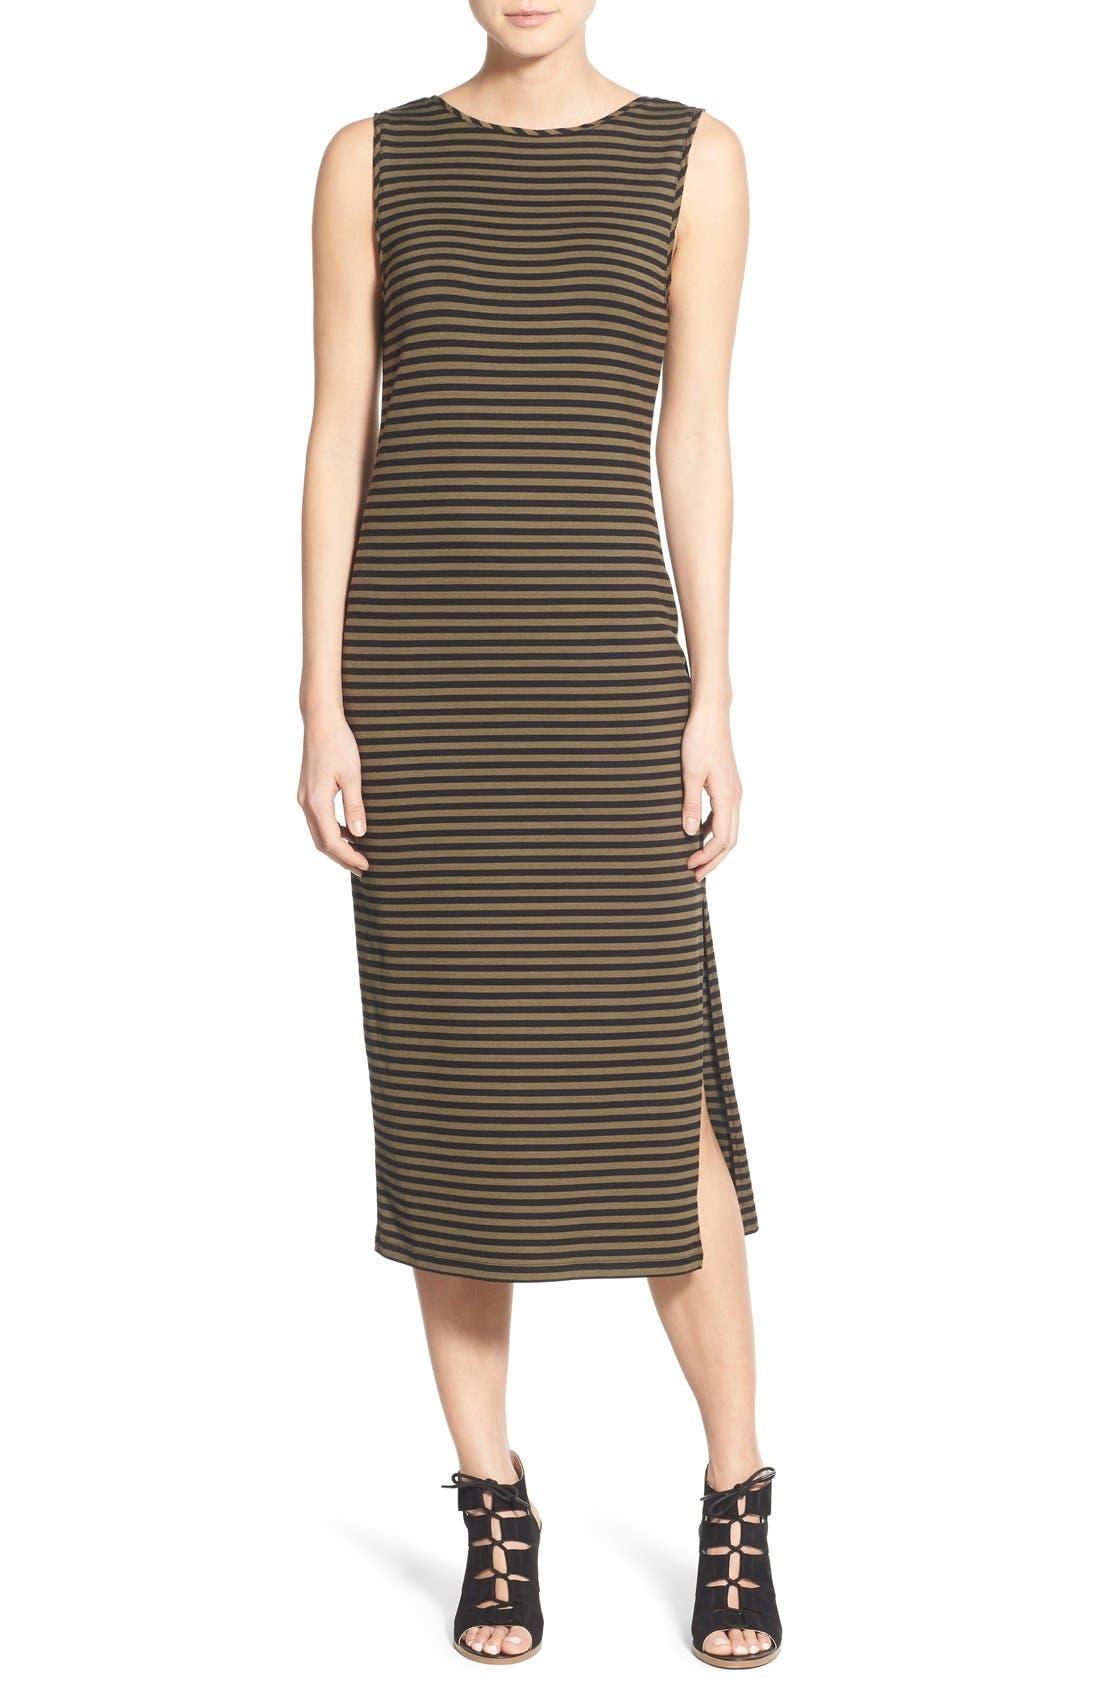 STEM Stripe Scoop Back Midi Dress, Main, color, 300